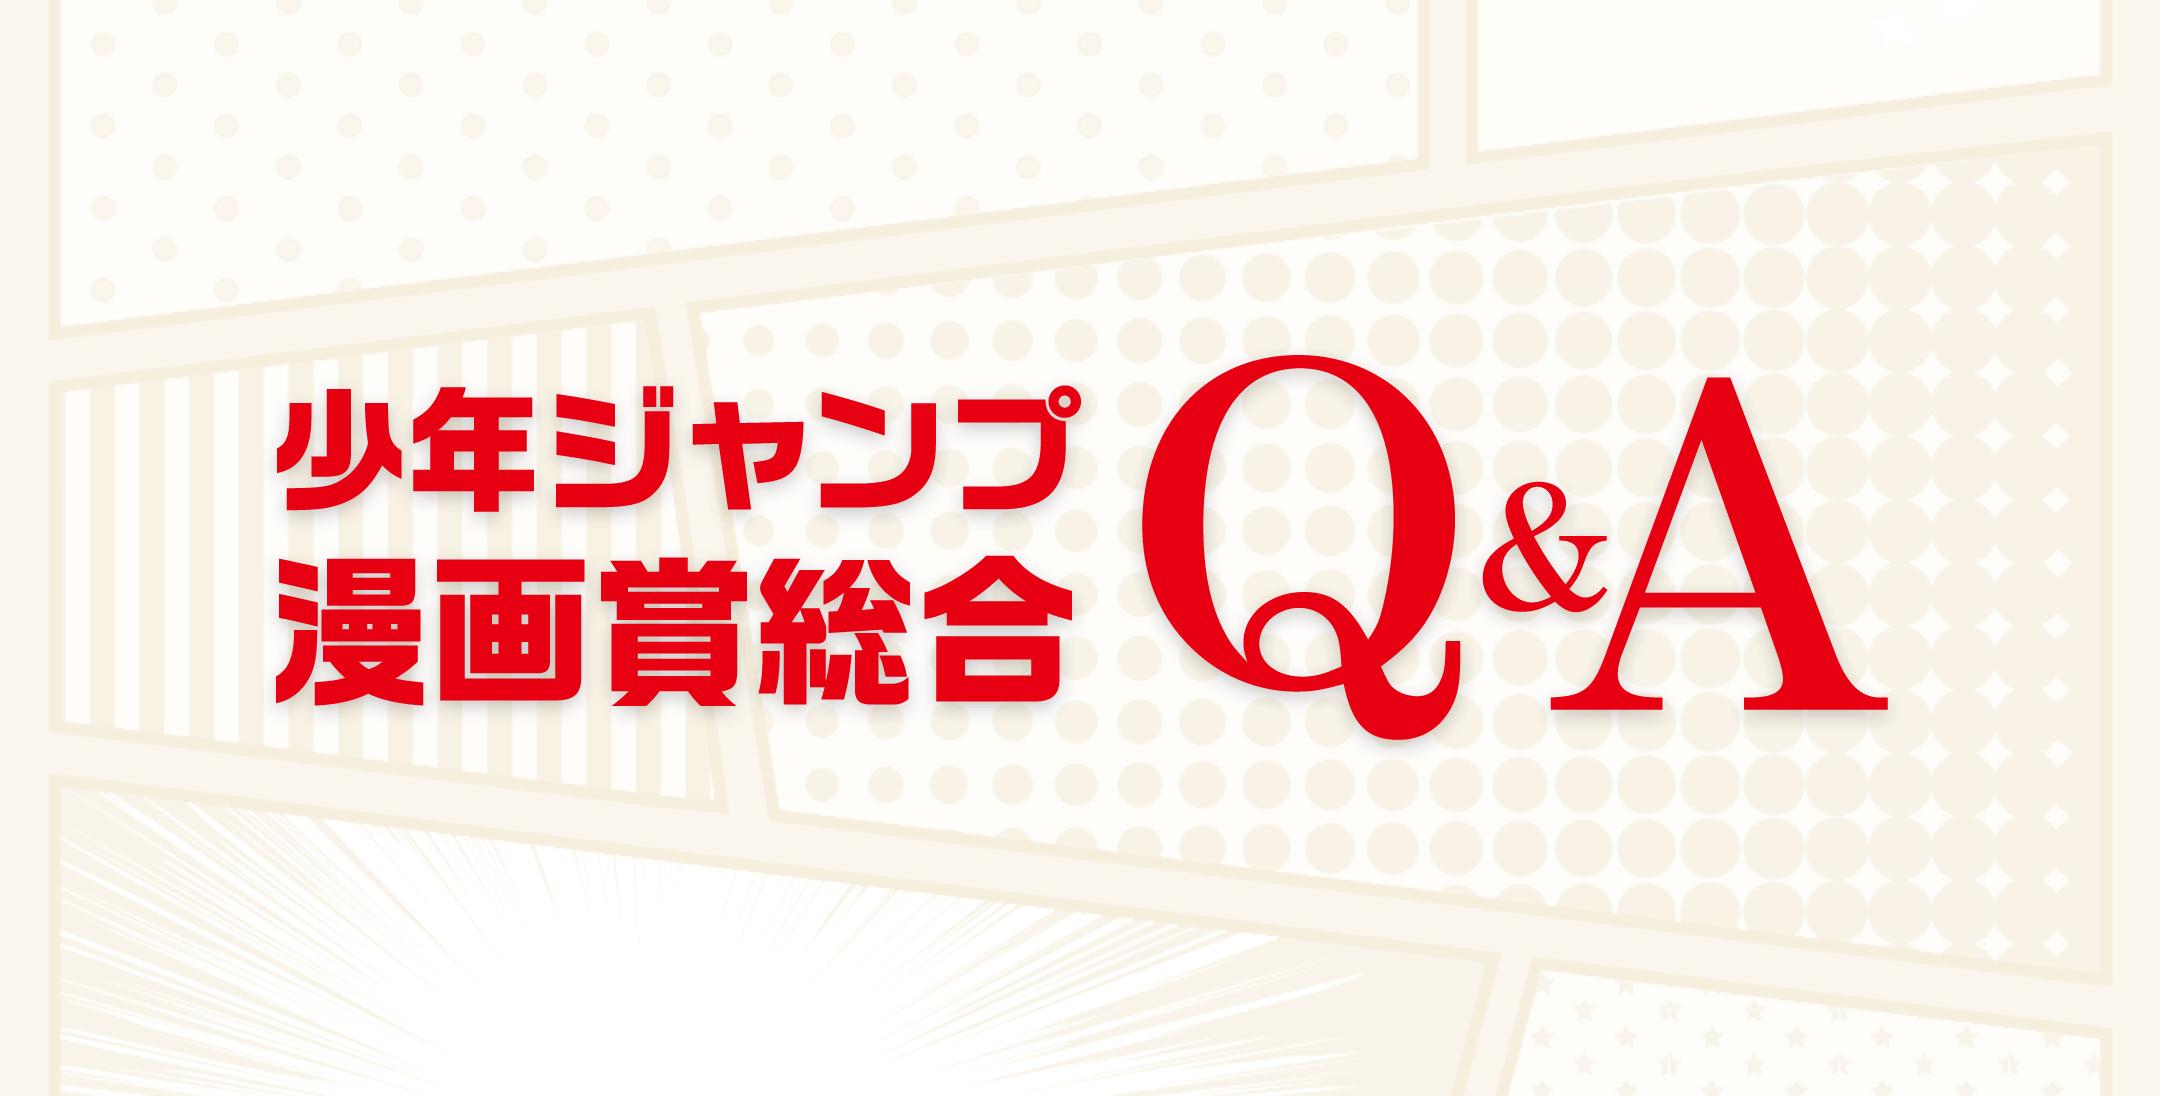 ジャンプ漫画賞総合 Q&A